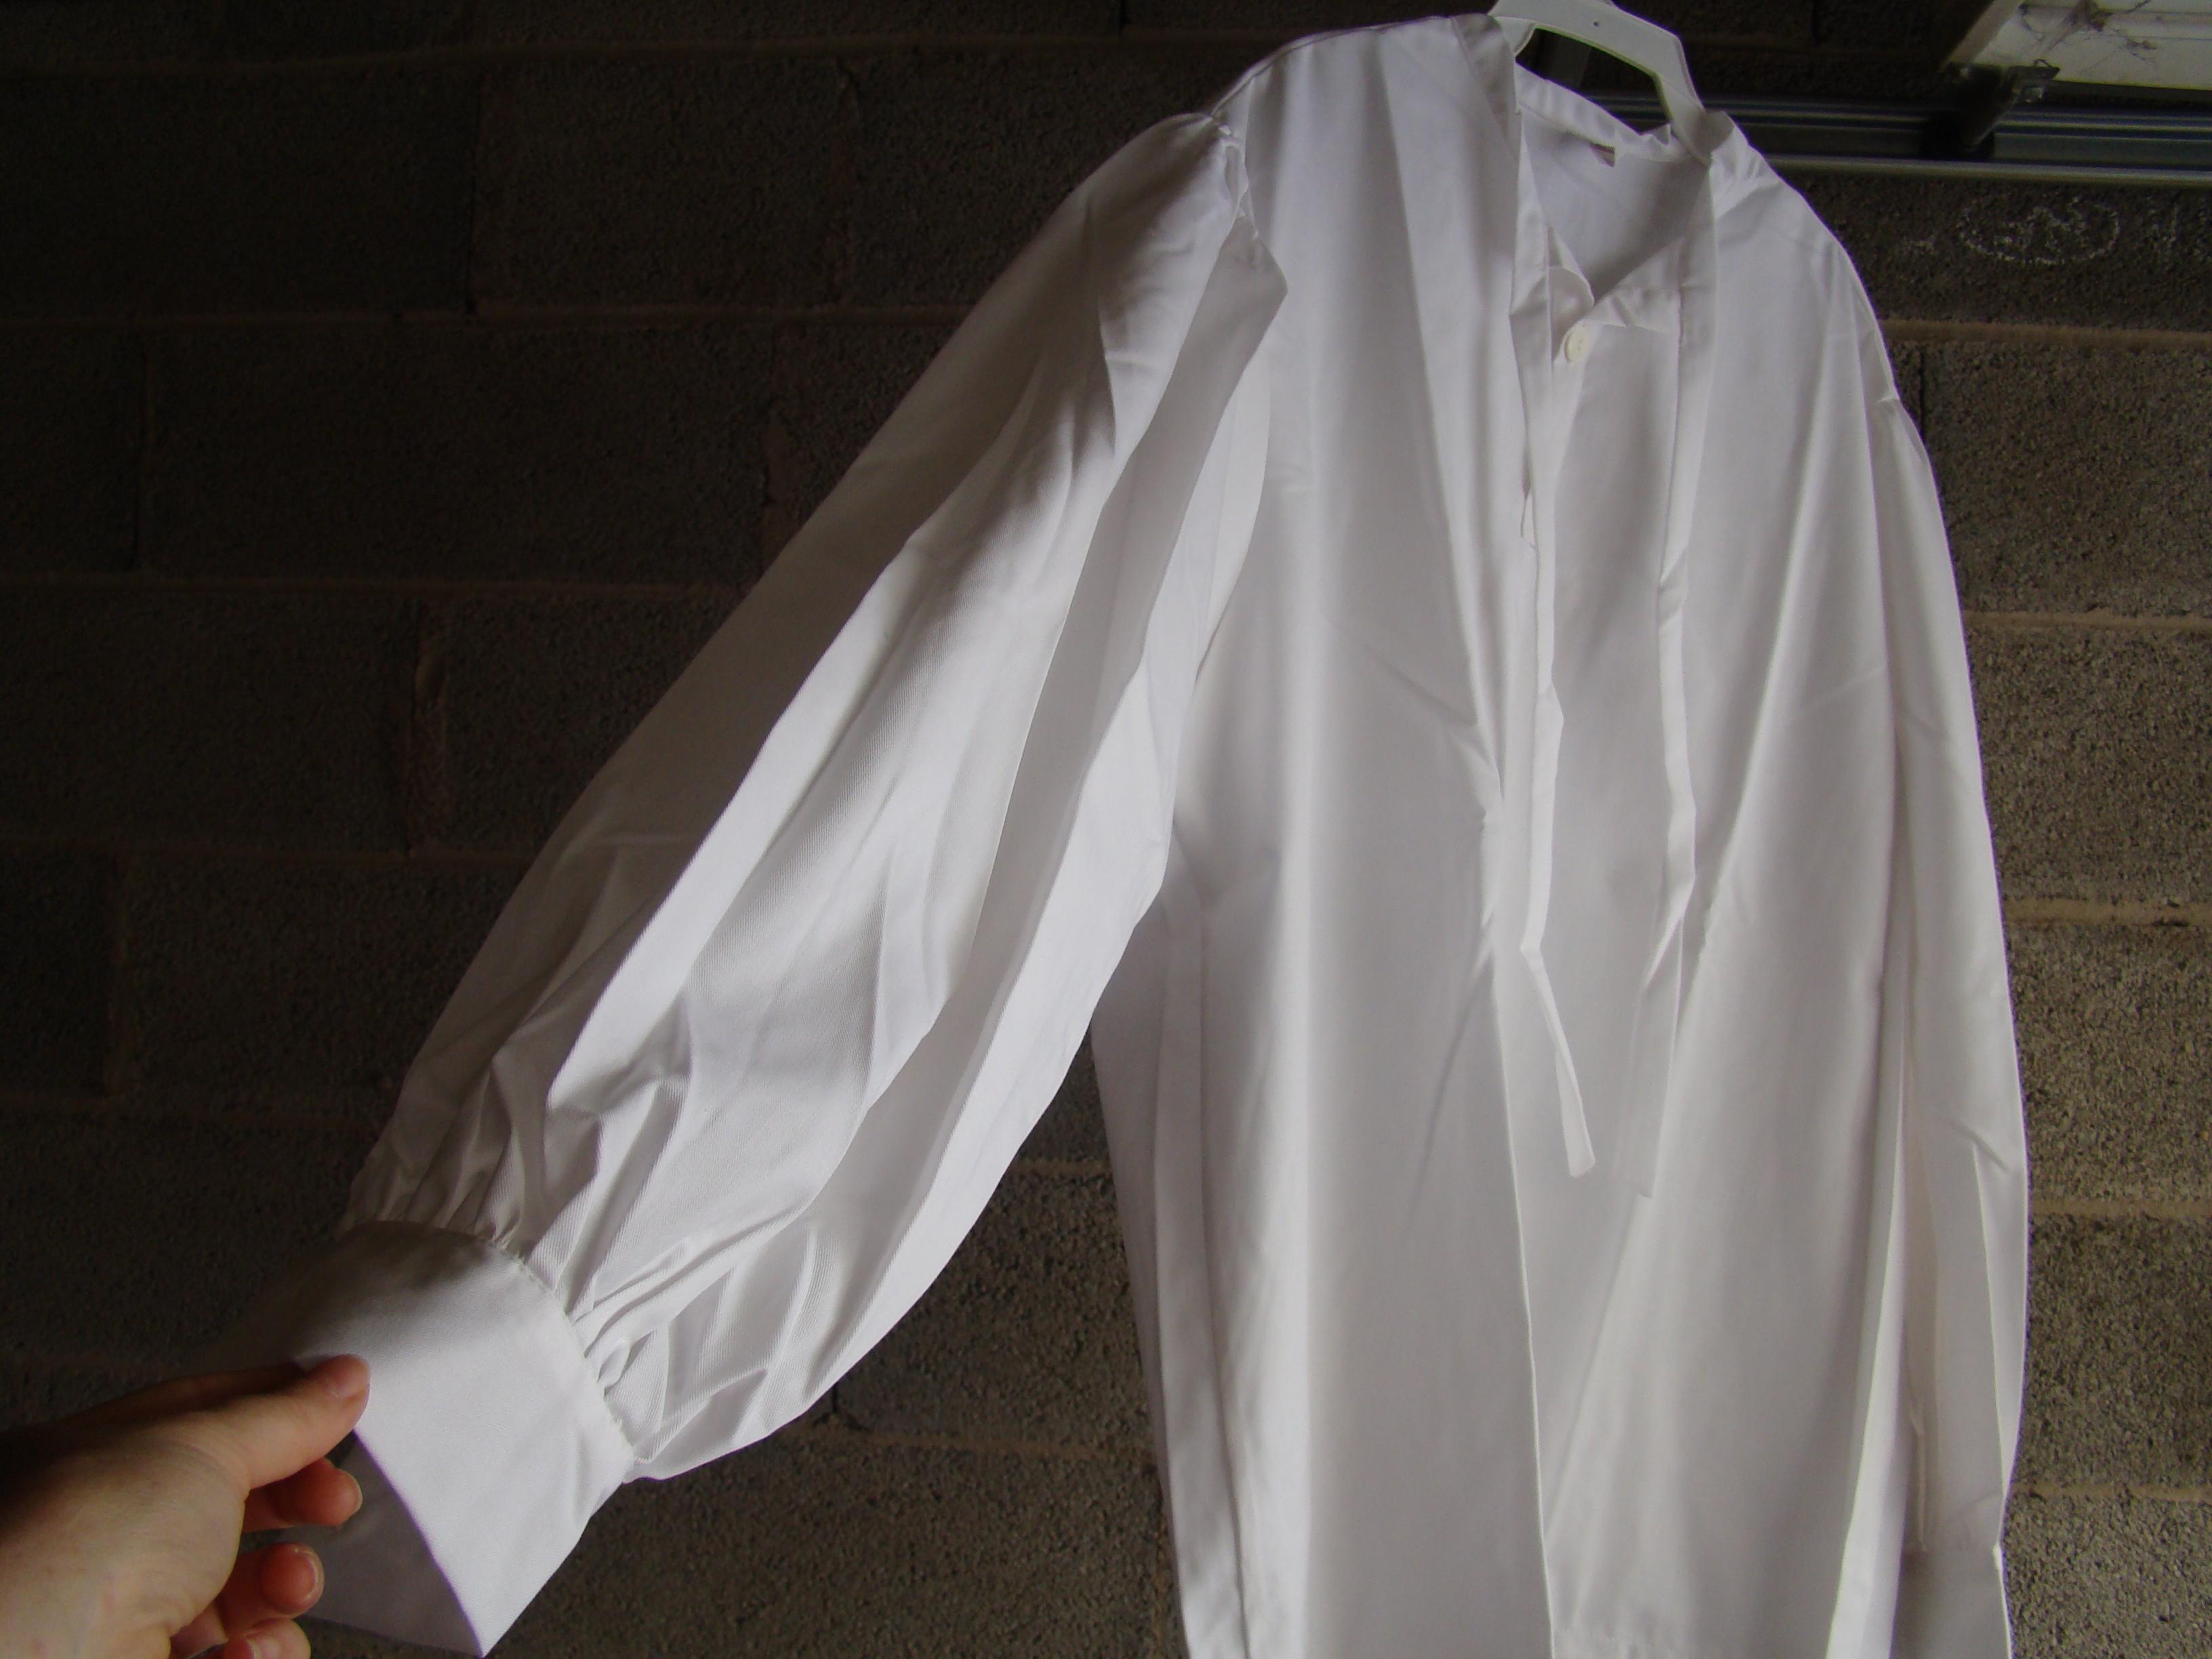 Costumes et decos vendre revolutionnaires for Change votre fenetre cas par cas